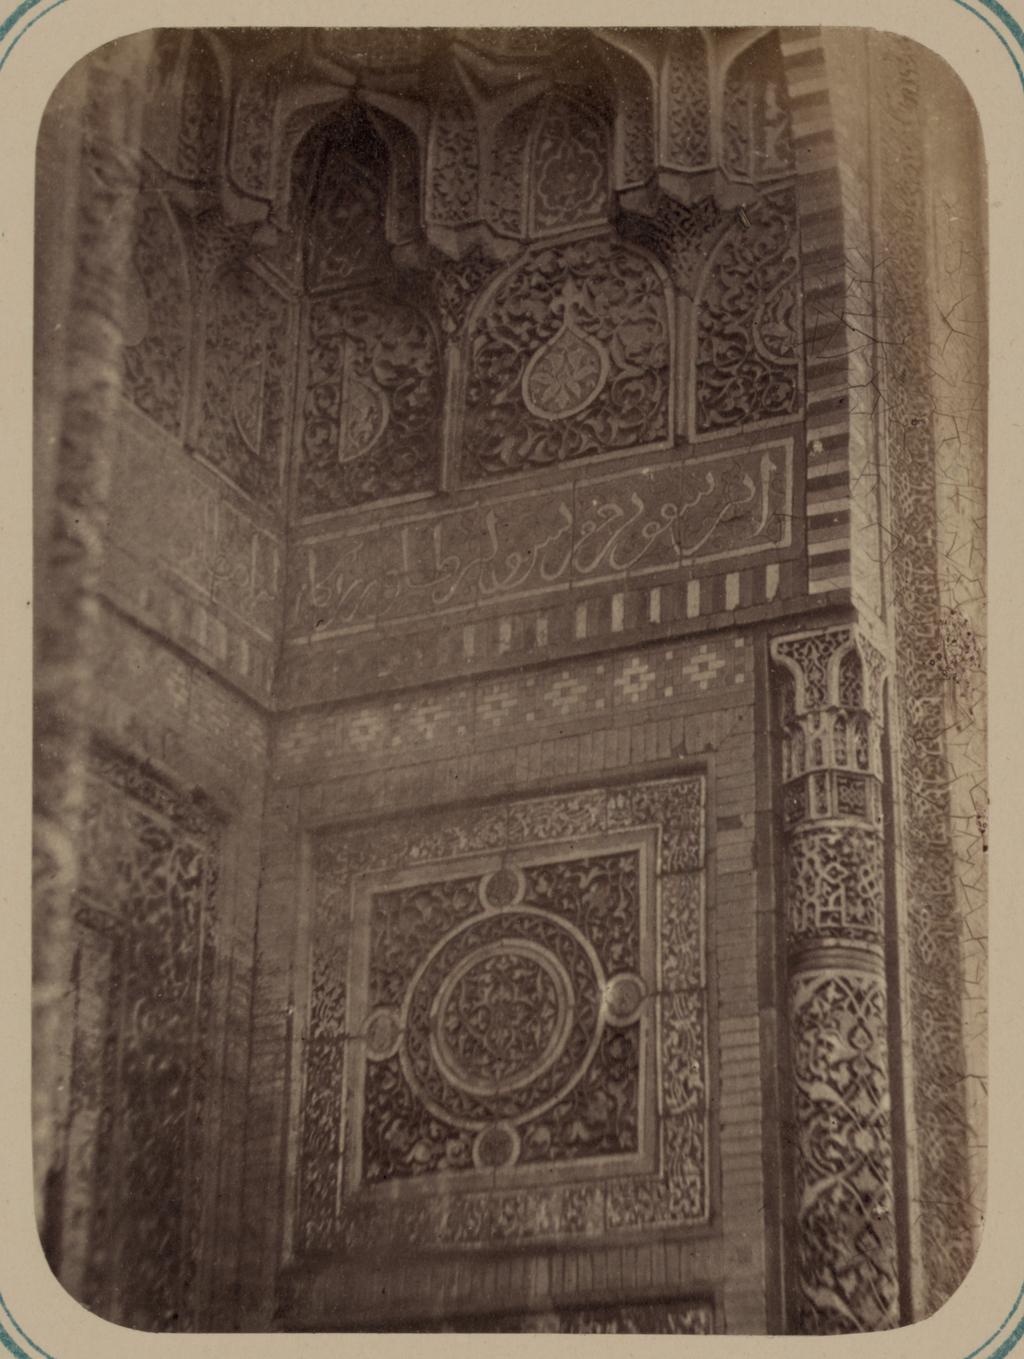 Мавзолей эмира Кутулука Турди Бек-Ака. Деталь панели ниши во внешней арке (вверху)